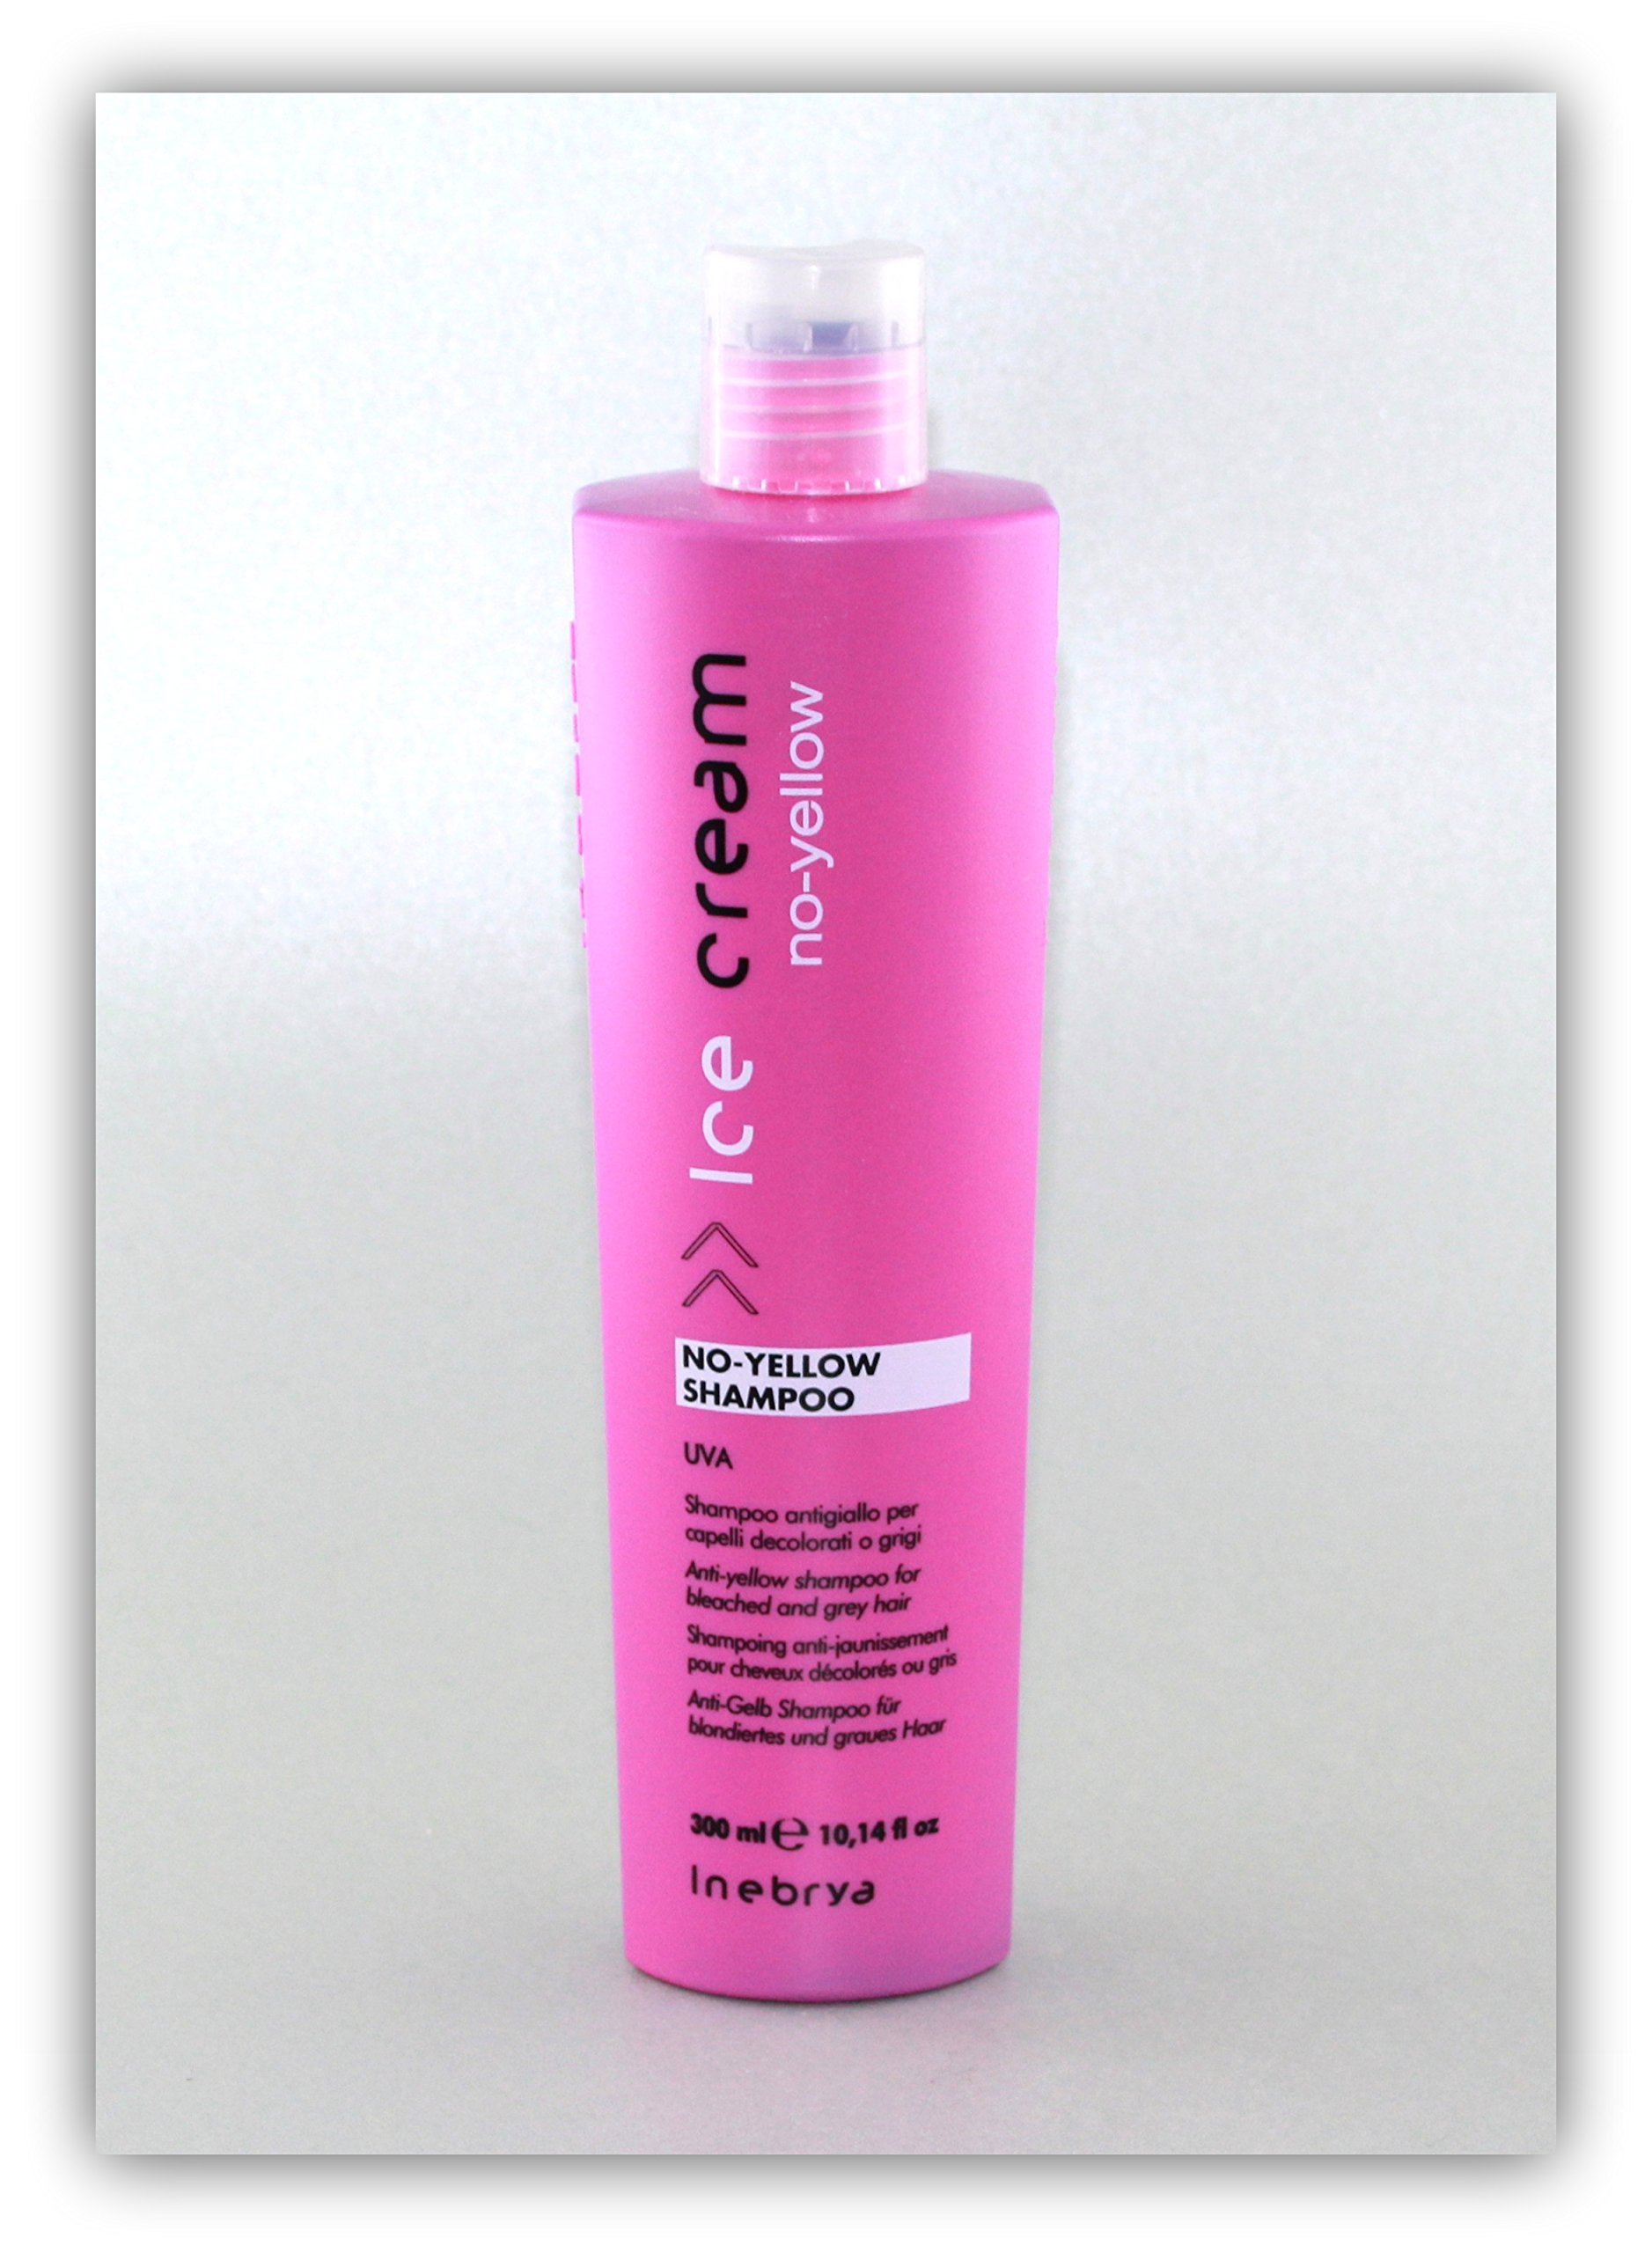 Inebrya ICE CREAM No Yellow Shampoo 300 ml